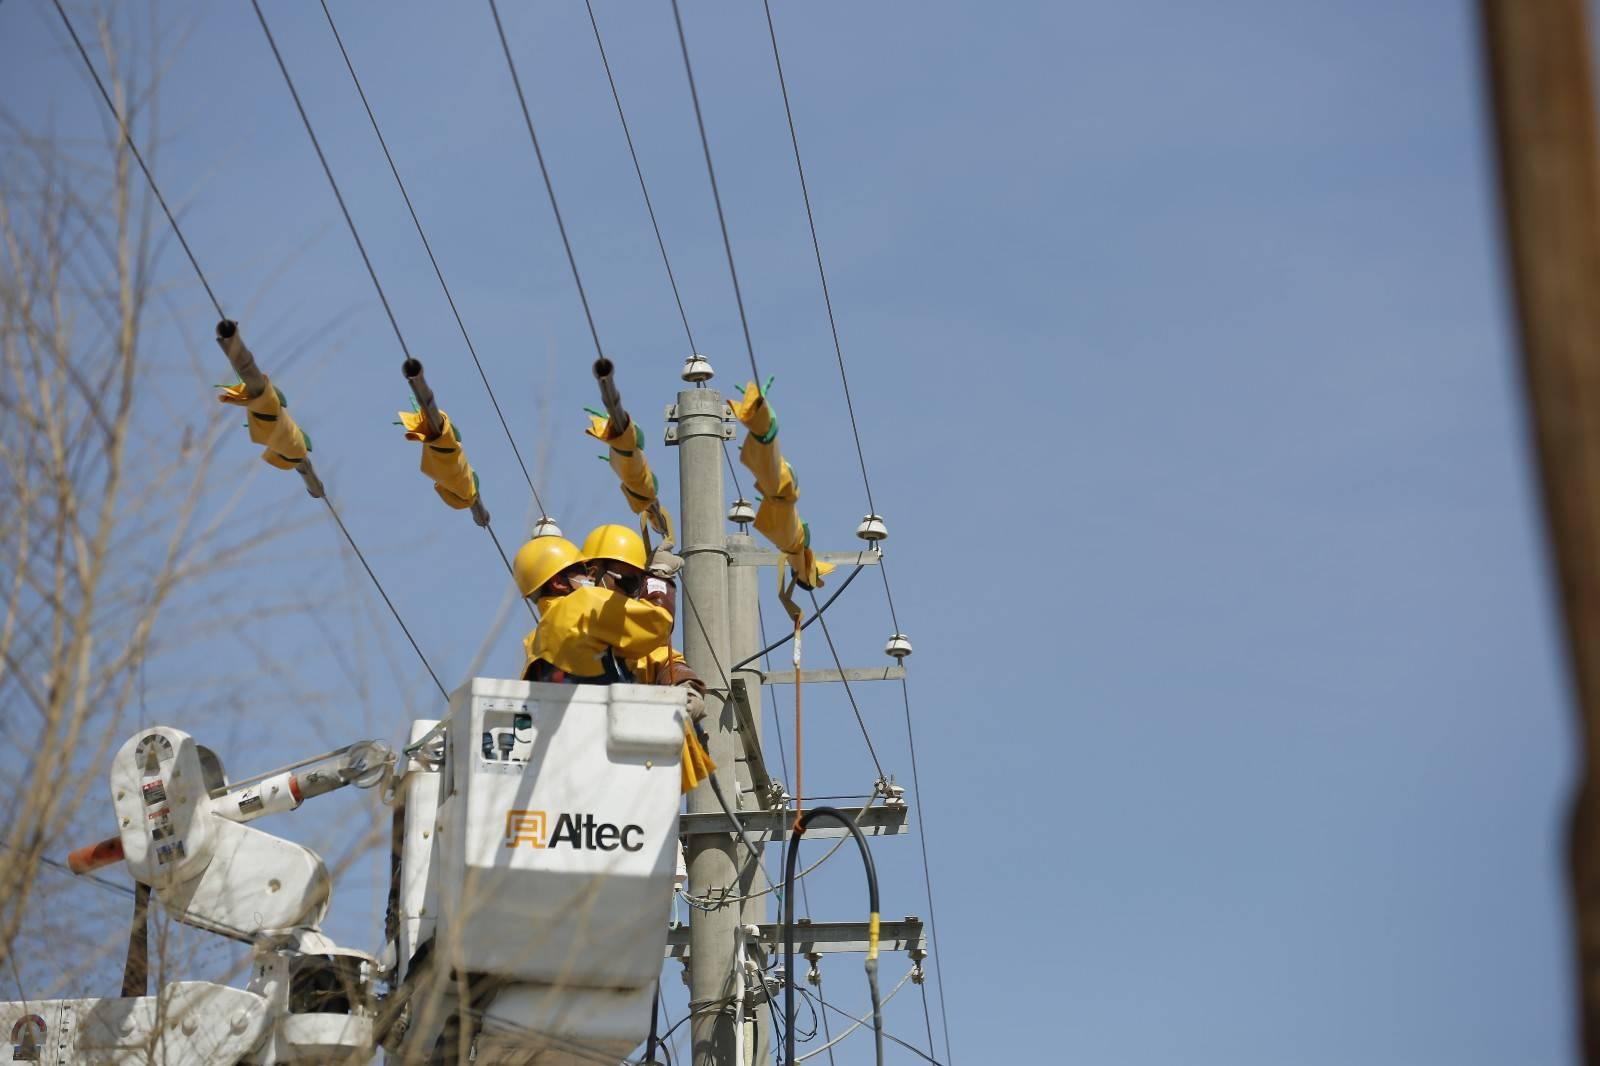 国网哈密供电公司成功实施疆内首例综合不停电更换变压器作业